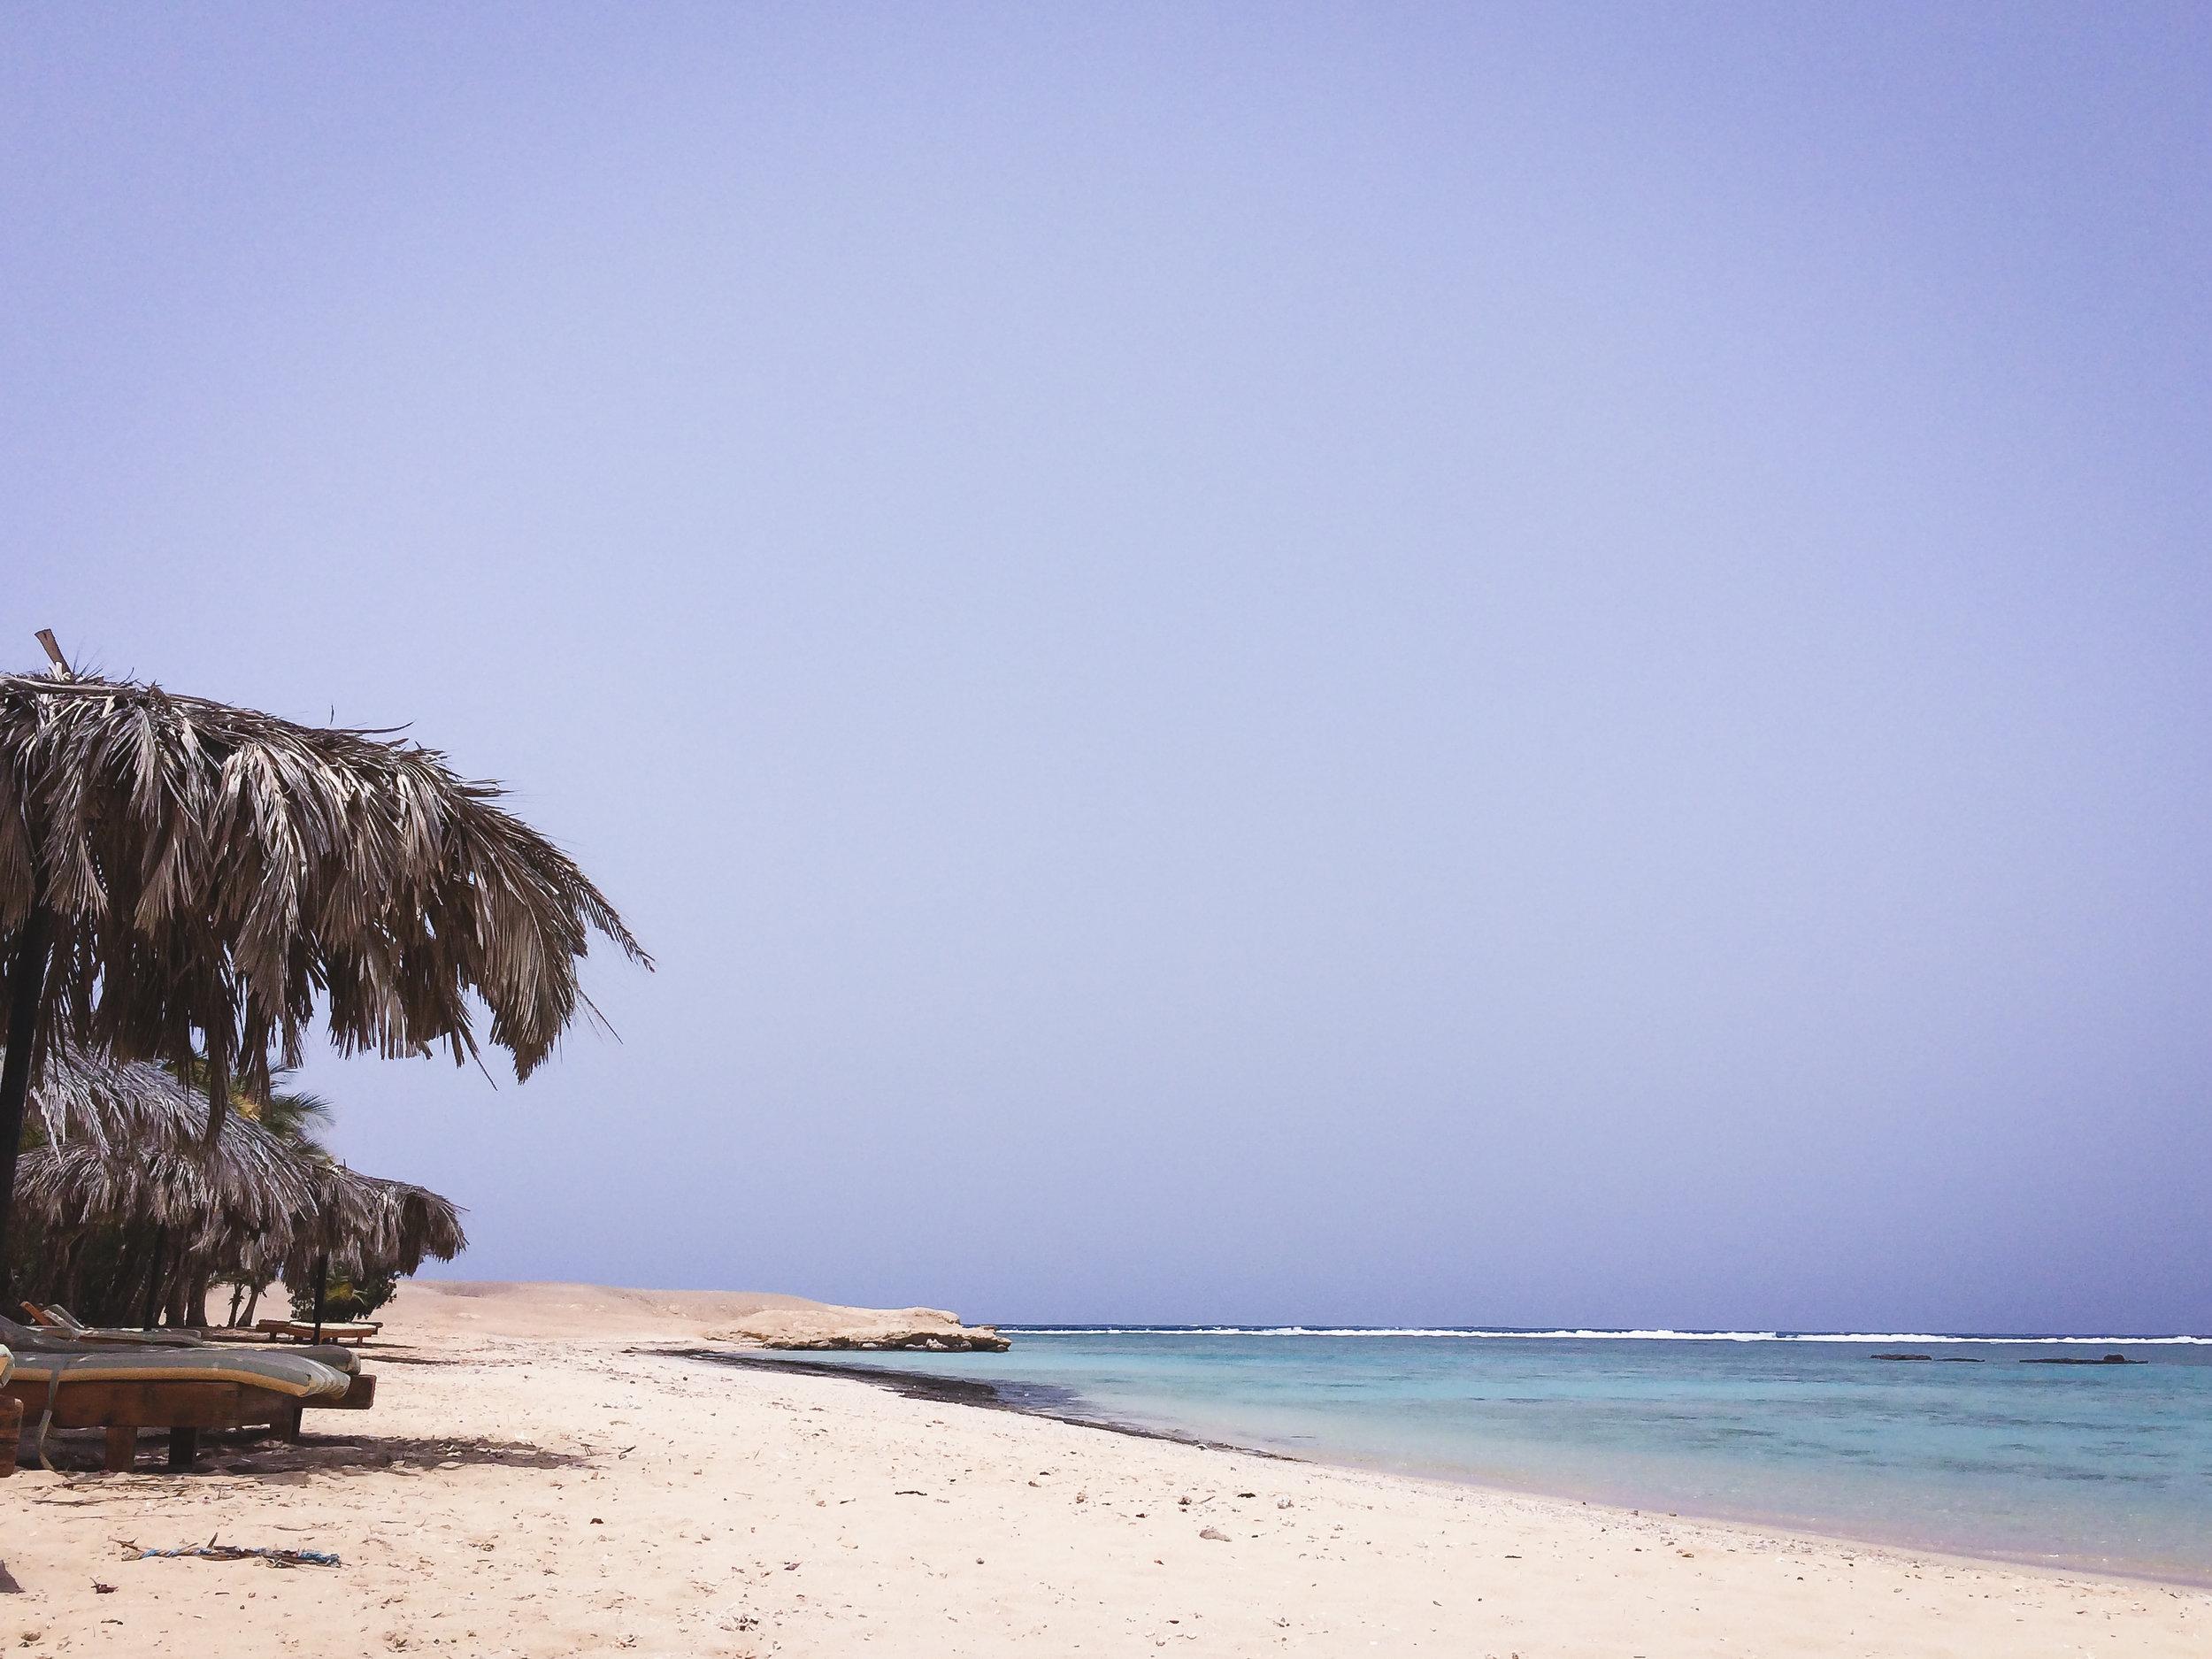 MangroveBay-Ägypten-20140606-03